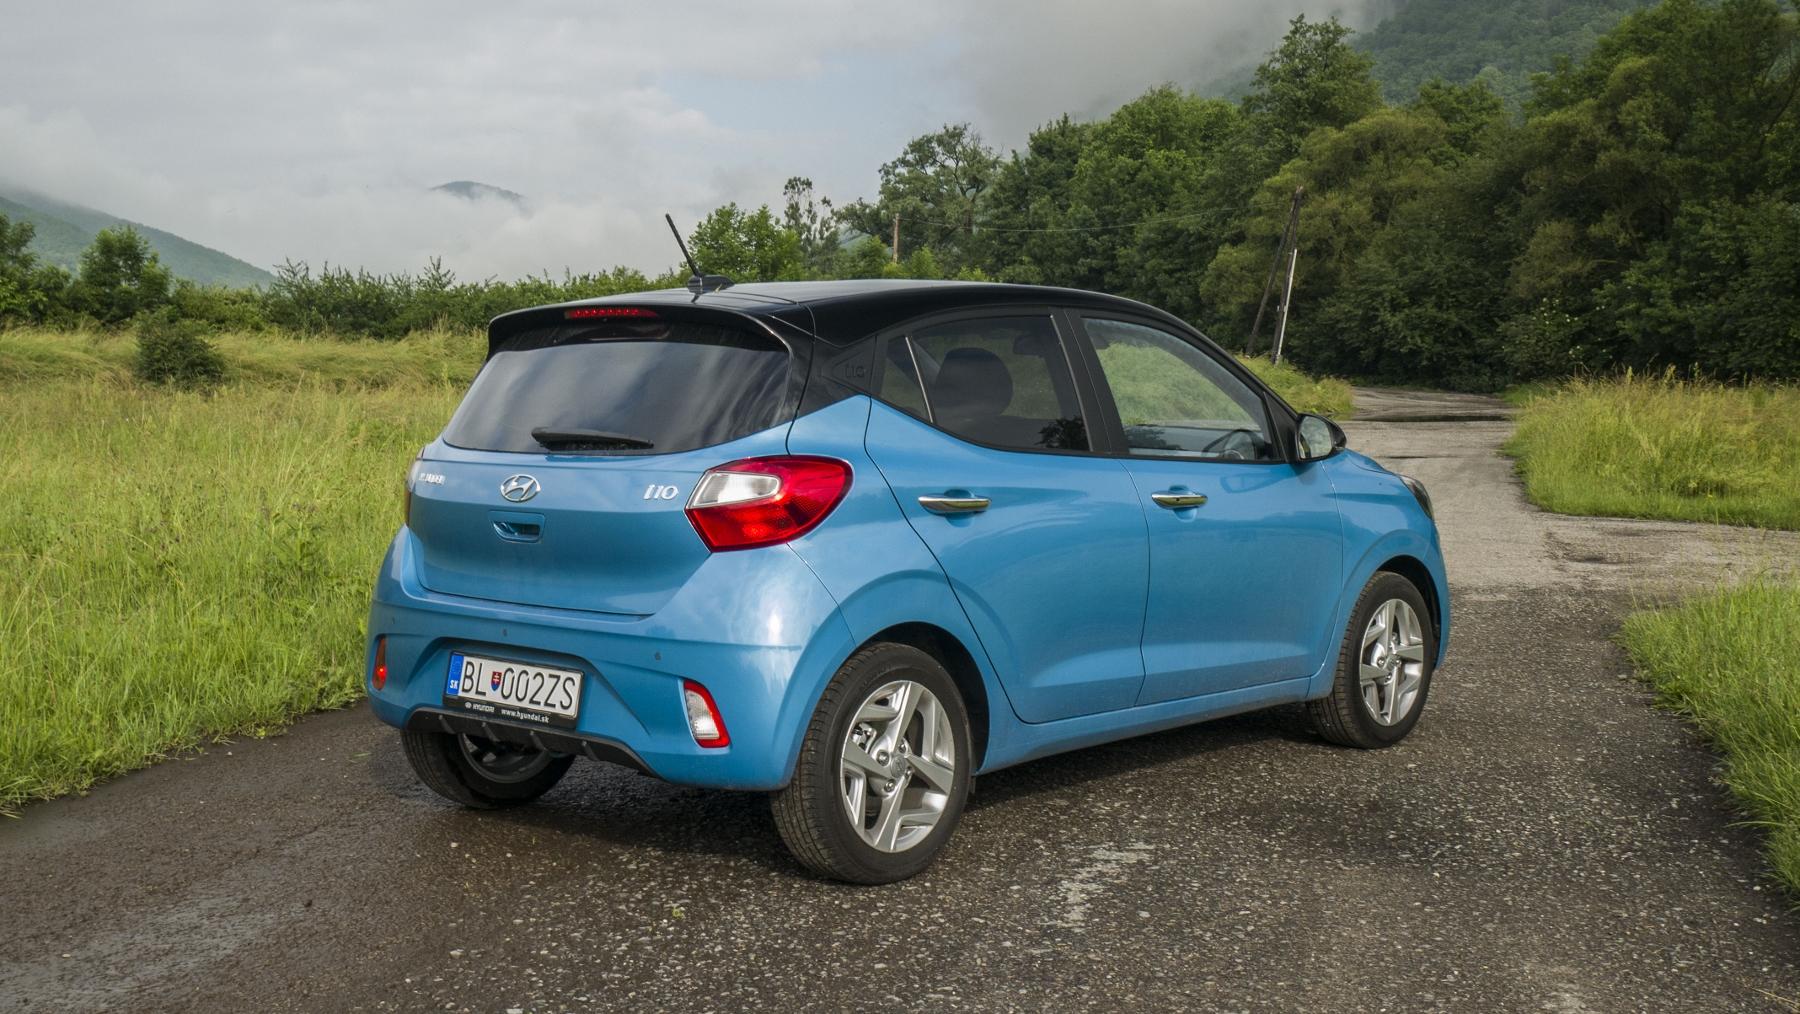 Test: Hyundai i10 je zameraný do mesta. Zo škatuľky vytŕča podvozkom 9tfilvBvKx hyundai-i10-24